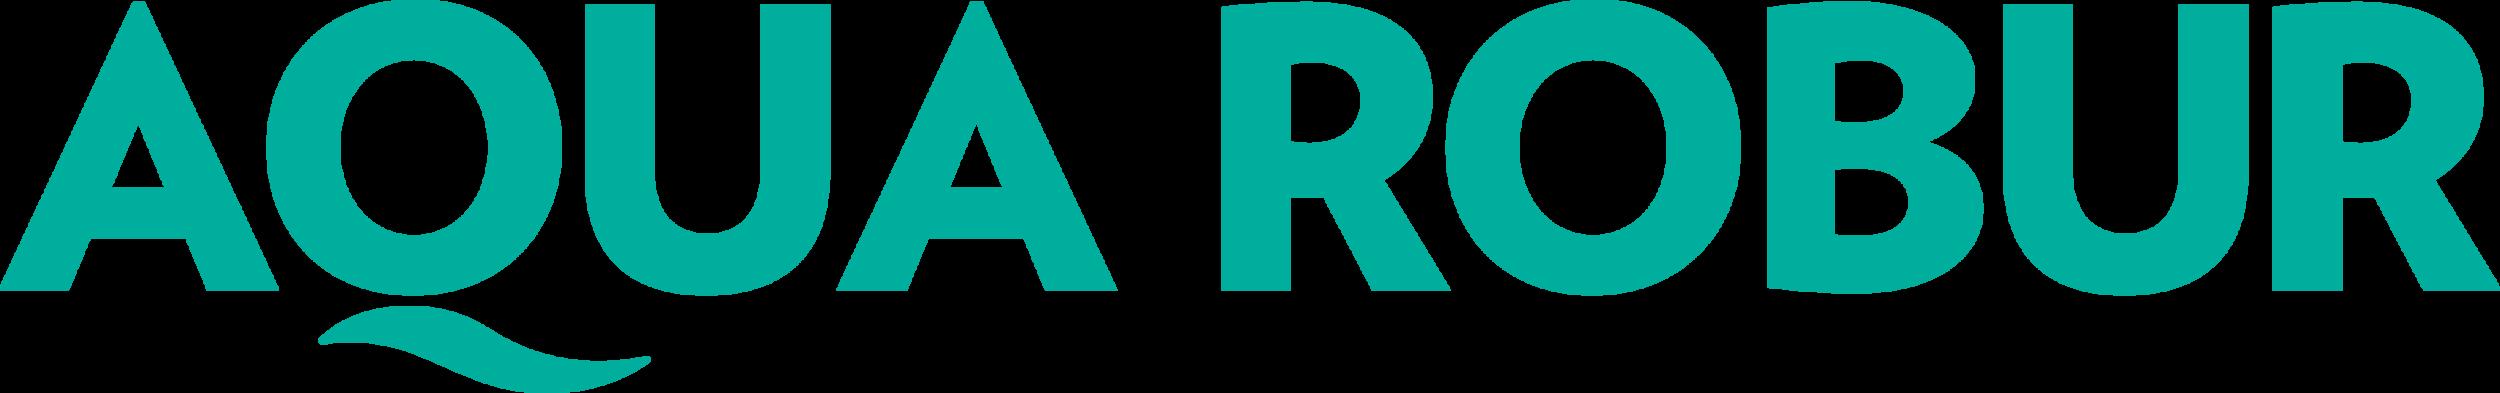 Aqua Robur.png